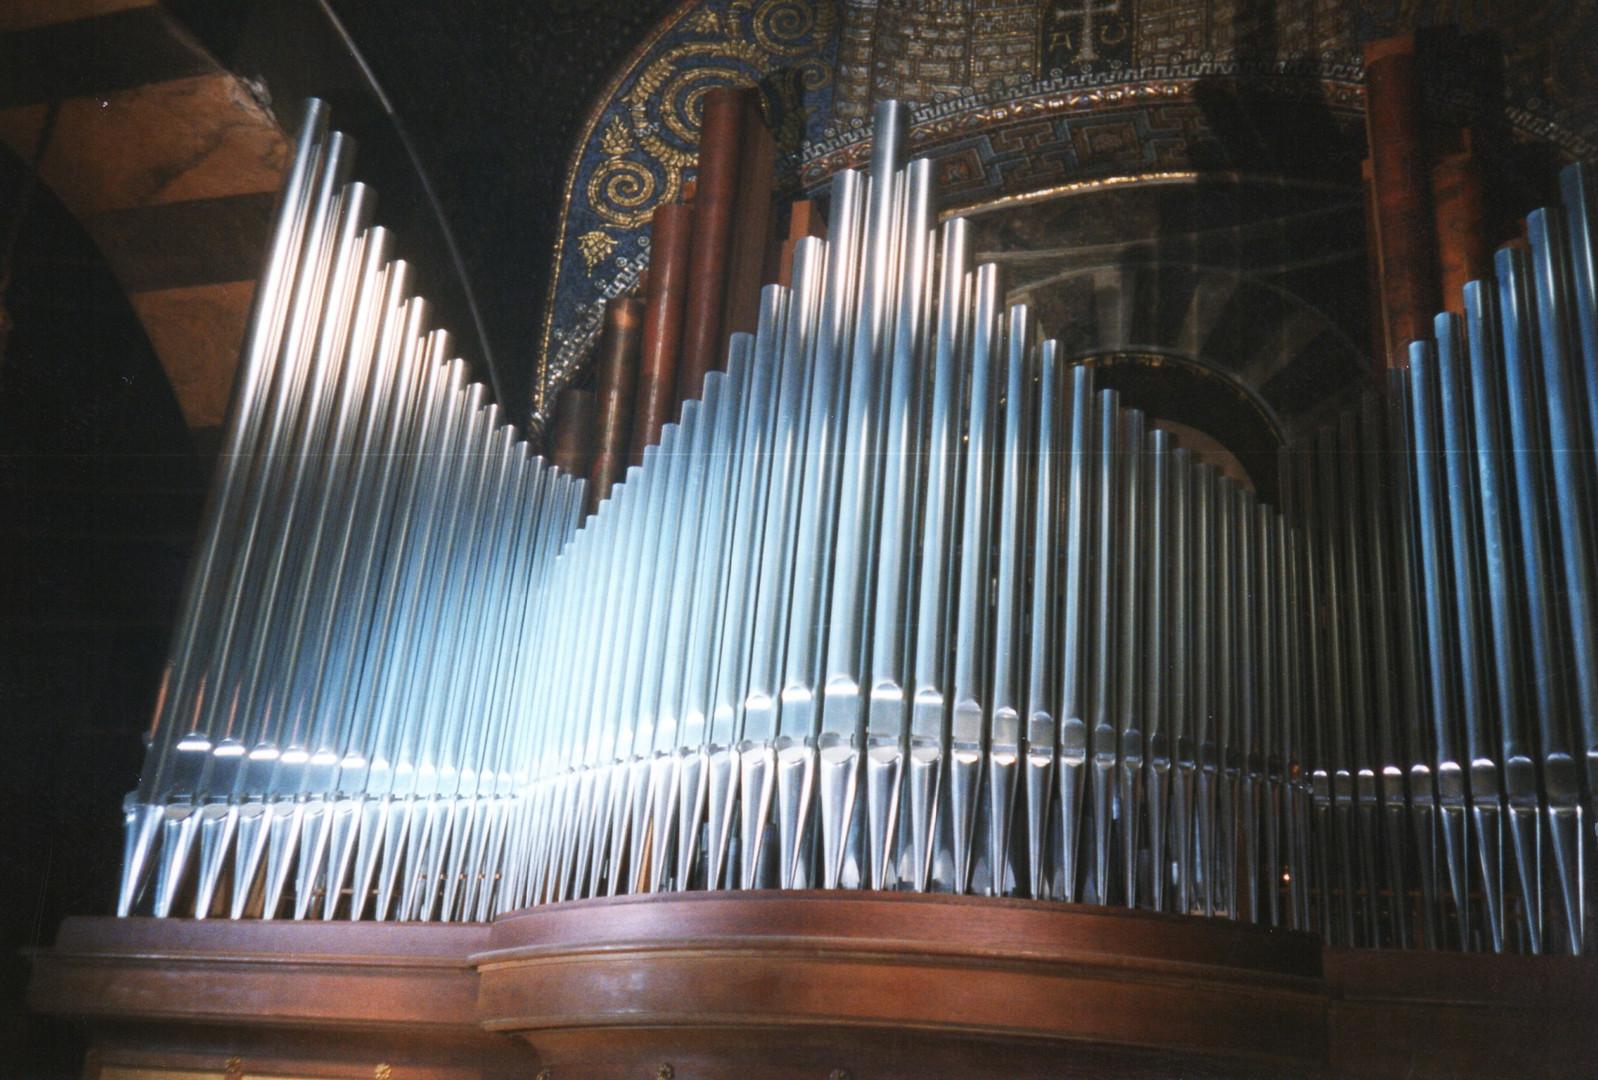 Die Orgelpfeifen von Aachen.